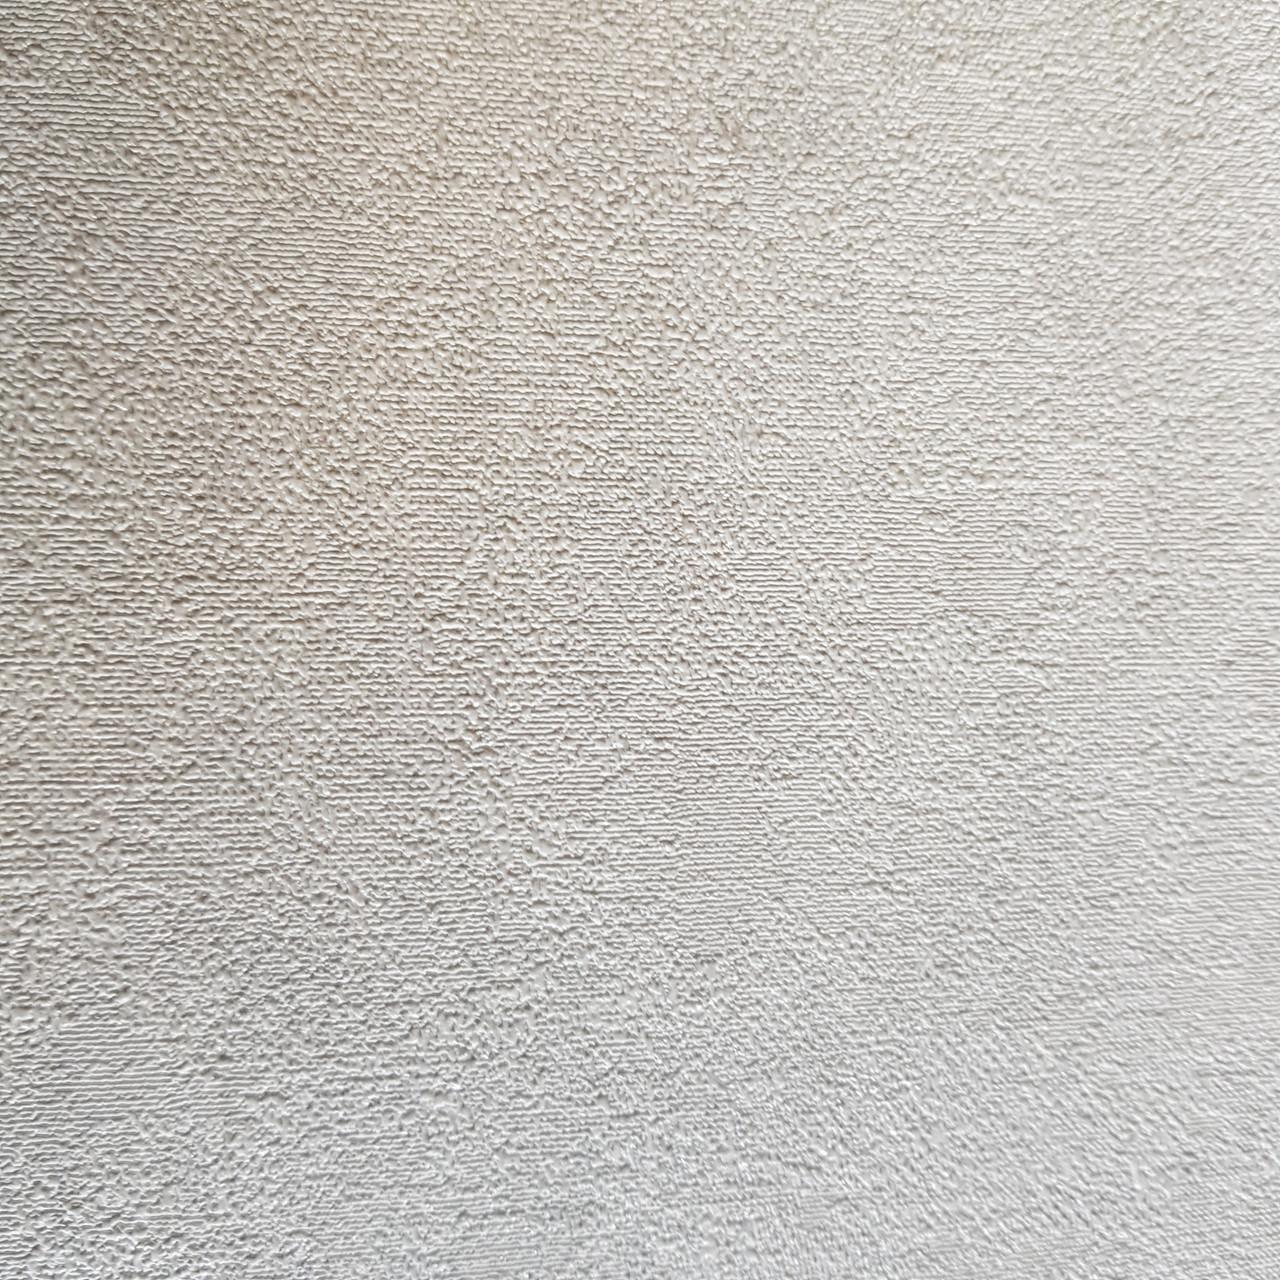 Шпалери метрові вінілові на флізеліновій основі Rasch Raymond під штукатурку структурні білі сріблясті